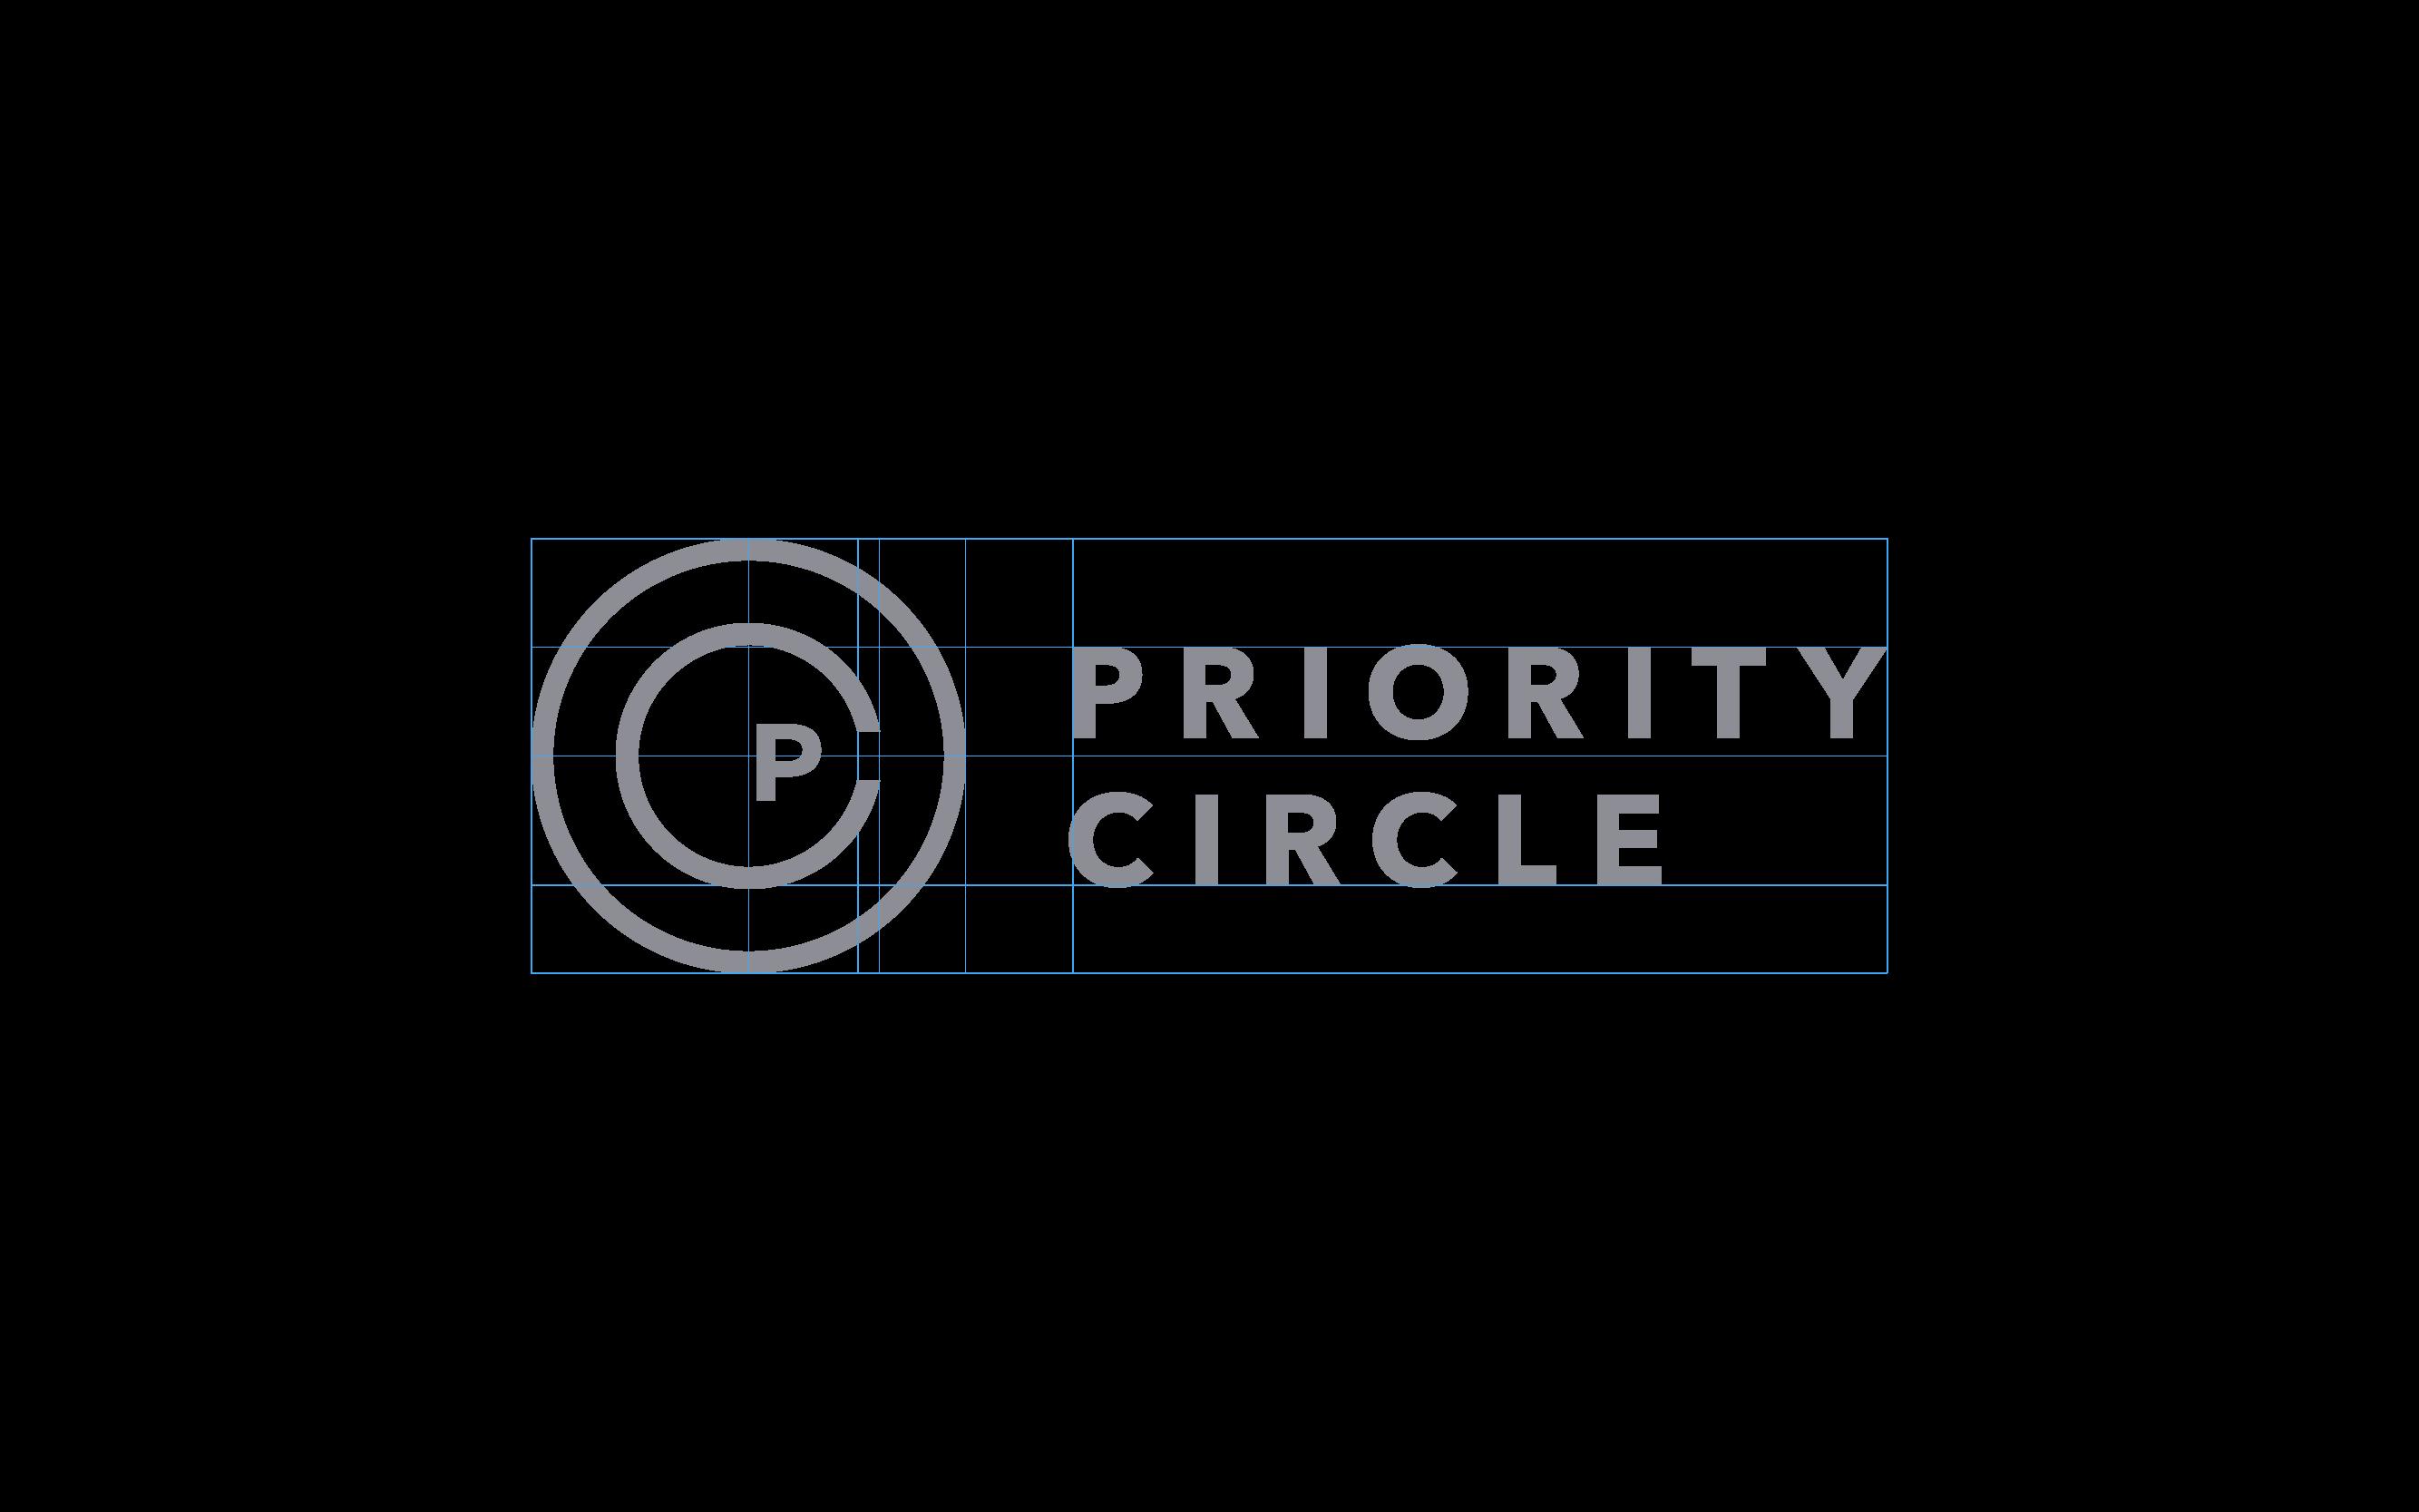 qb_priority_circle_guide-02-10